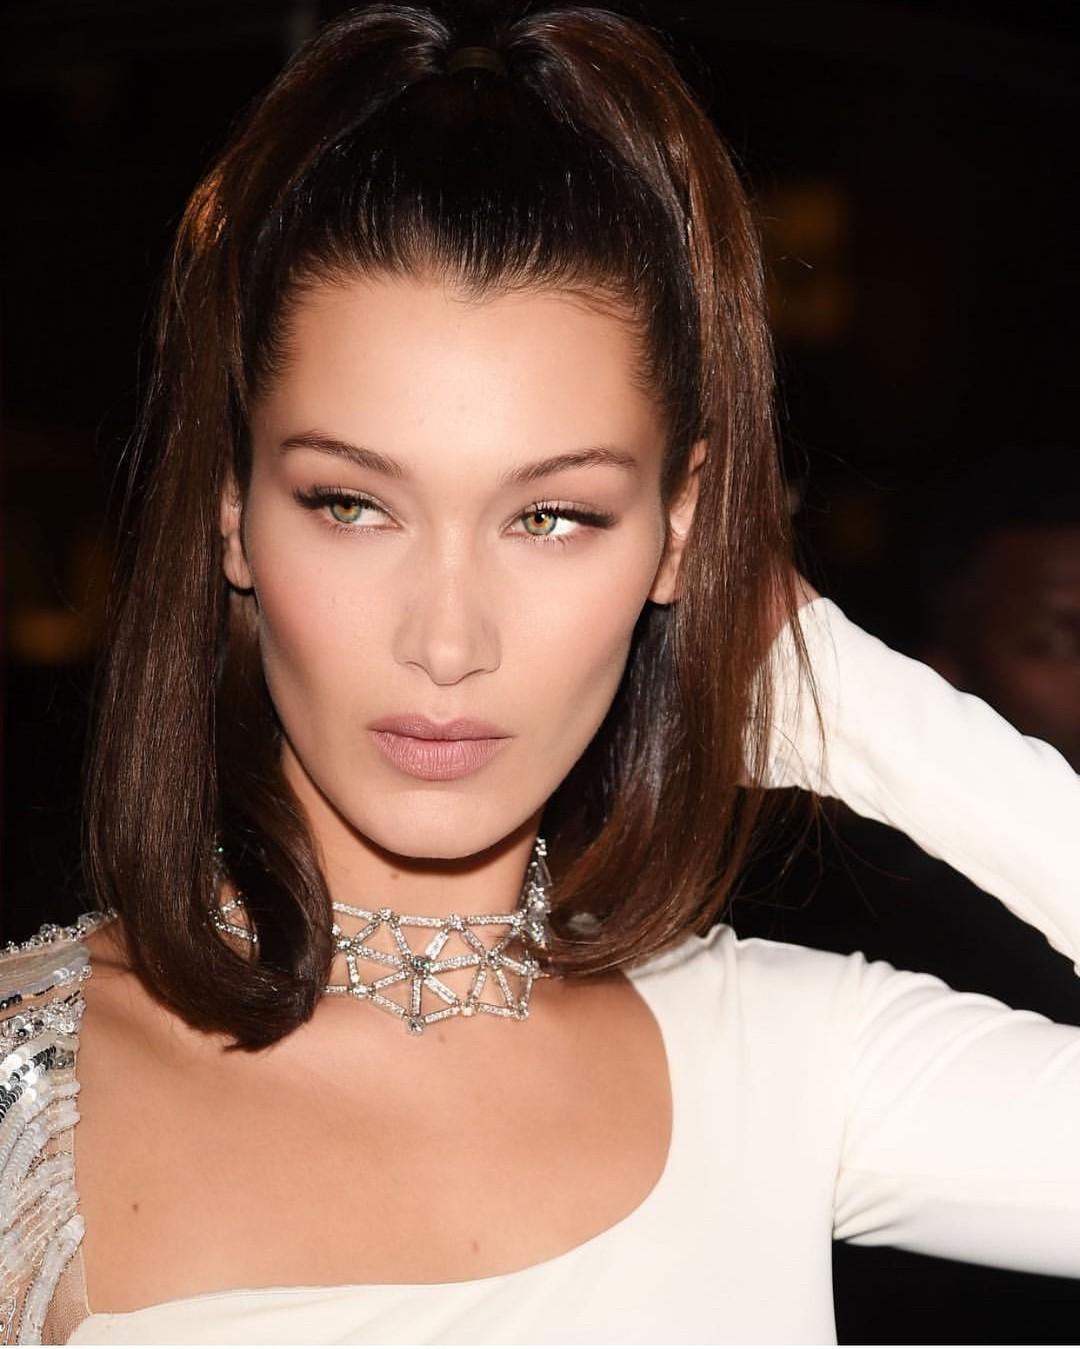 Bảng xếp hạng làng thời trang trên Instagram năm 2017: siêu mẫu Kendall Jenner xưng hậu, nhà mốt Chanel xưng vương - Ảnh 16.